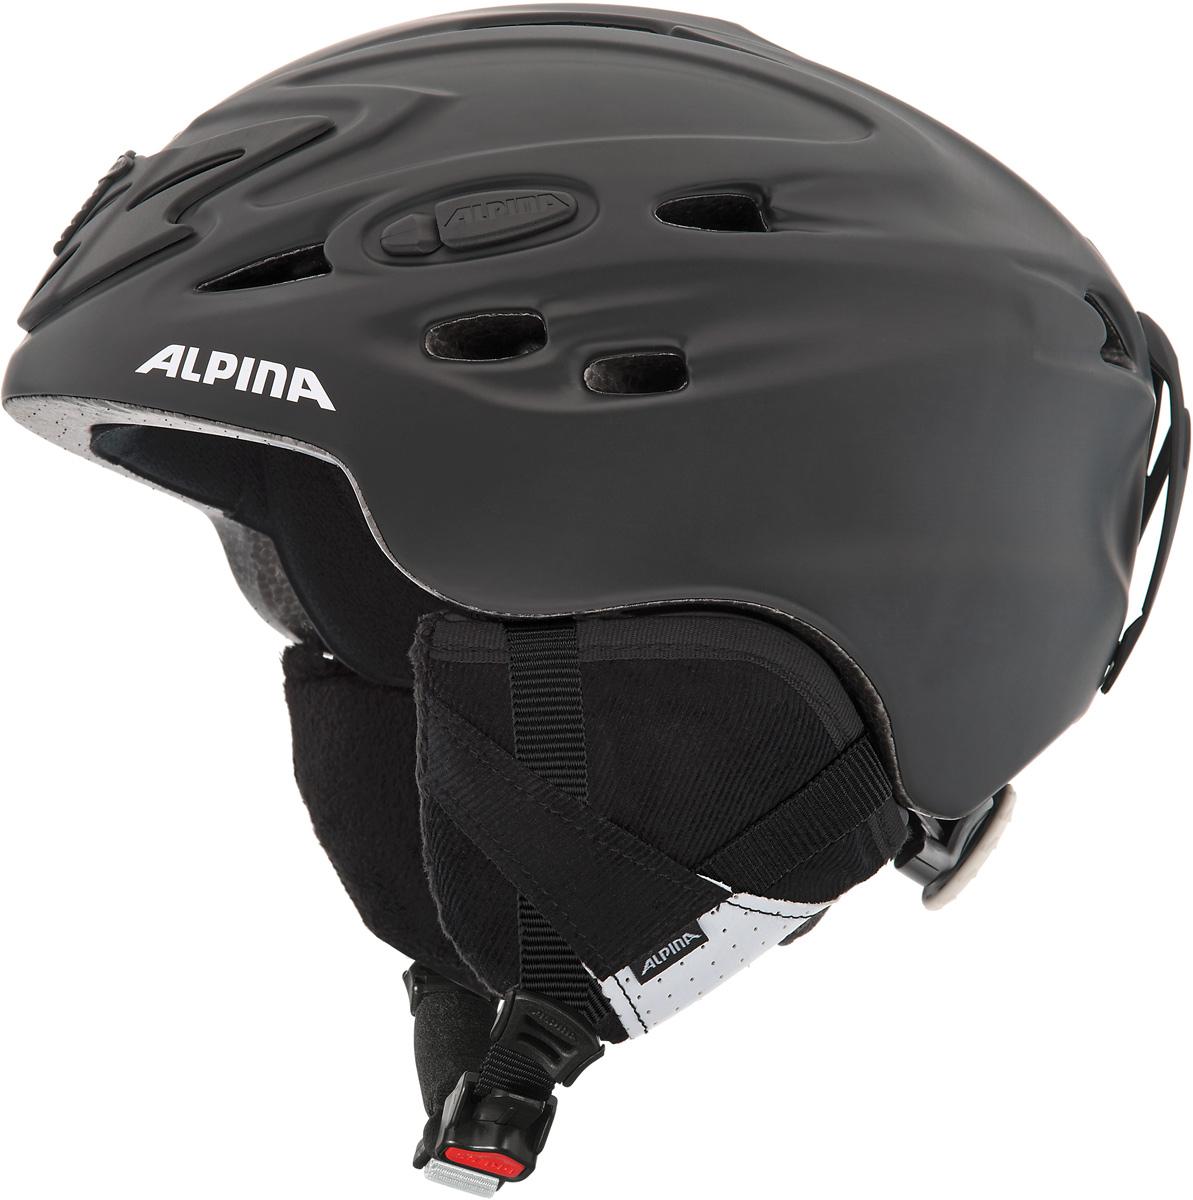 Шлем горнолыжный Alpina Scara, цвет: черный. A9017_69. Размер 55-59A9017_69Шлем горнолыжный Alpina Scara - модель создана специально для тех, кто не хочет идти на компромисс между технологиями и стилем. Исключительно устойчивый и легкий. Благодаря эффективной системы вентиляции между внутренней и внешней оболочкой микроклимат под шлемом всегда прохладный. Вынимаемая внутренняя подкладка шлема, которую можно стирать. Технологии:Inmold Tec – технология соединения внутренней и внешней части шлема при помощи высокой температуры. Данный метод делает соединение исключительно прочным, а сам шлем легким. Такой метод соединения гораздо надежнее и безопаснее обычного склеивания. Ceramic – особая технология производства внешней оболочки шлема. Используются легковесные материалы экстремально прочные и устойчивые к царапинам. Возможно использование при сильном УФ изучении, так же поверхность имеет антистатическое покрытие. Run System – простая система настройки шлема, позволяющая добиться надежной фиксации. Airstream Control – регулируемые воздушные клапана для полного контроля внутренней вентиляции. Removable Earpads - съемные амбушюры добавляют чувства свободы во время катания в теплую погоду, не в ущерб безопасности. При падении температуры, амбушюры легко устанавливаются обратно на шлем. Changeable Interior – съемная внутренняя часть. Допускается стирка в теплой мыльной воде. Neckwarmer – дополнительное утепление шеи. Изготовлено из мягкого флиса.Что взять с собой на горнолыжную прогулку: рассказывают эксперты. Статья OZON Гид